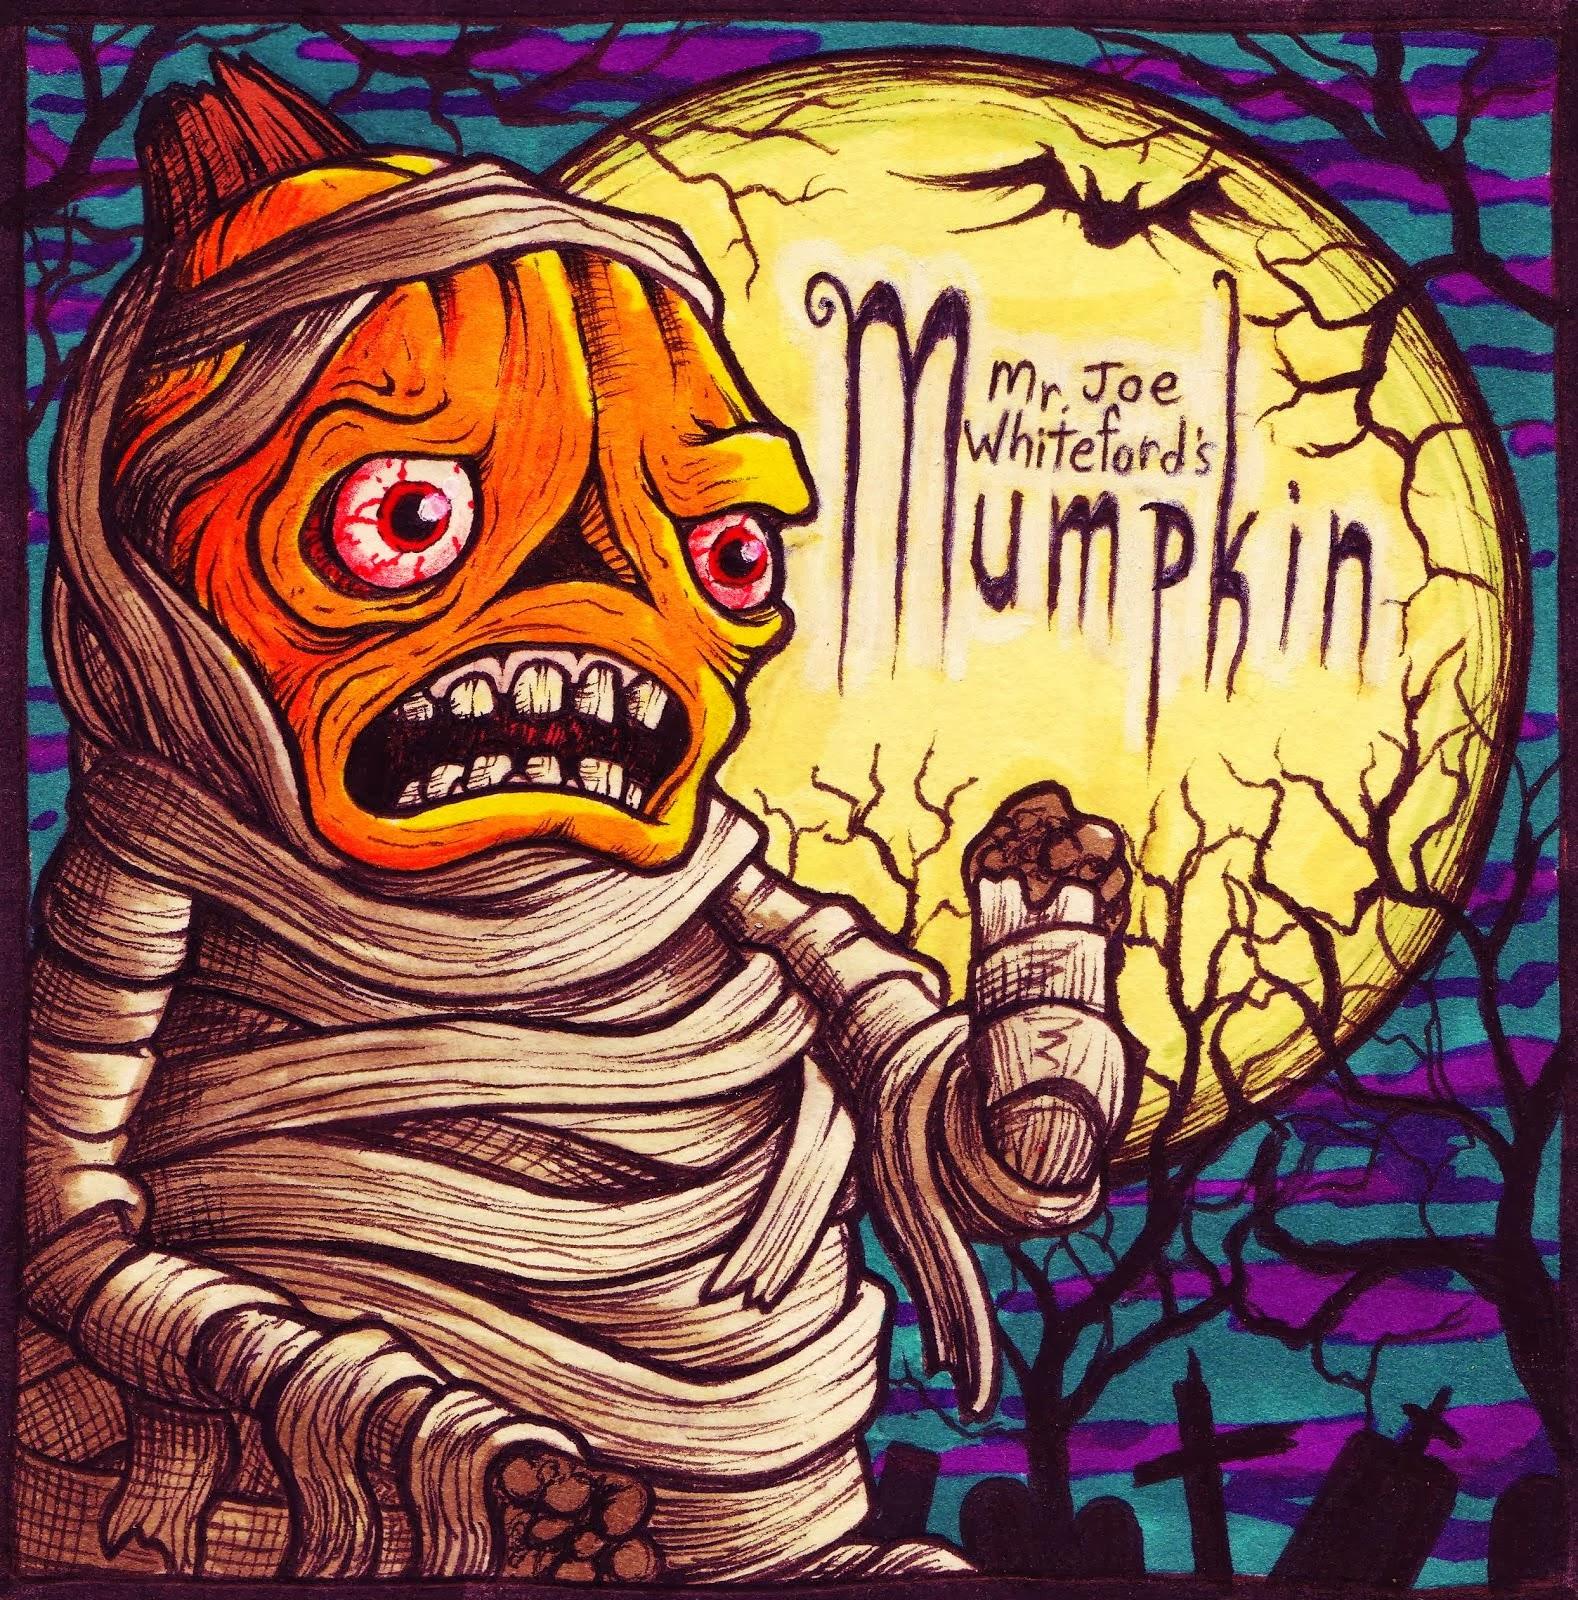 Mumpkin